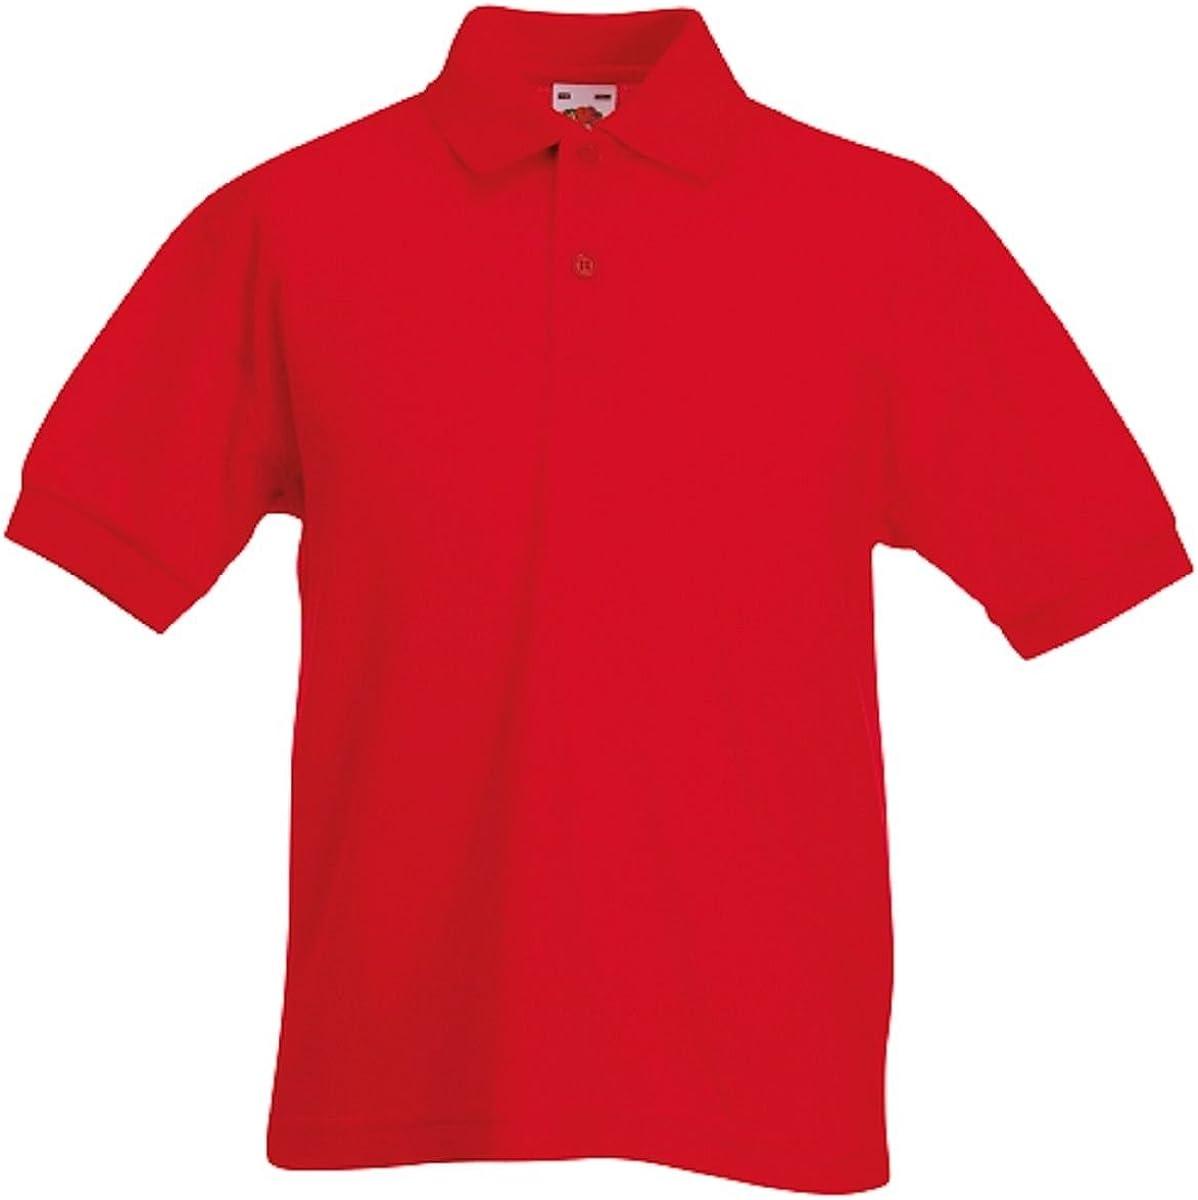 Gr/ö/ße: 104 3-4 Farbe: Red 65//35 Polo Kids